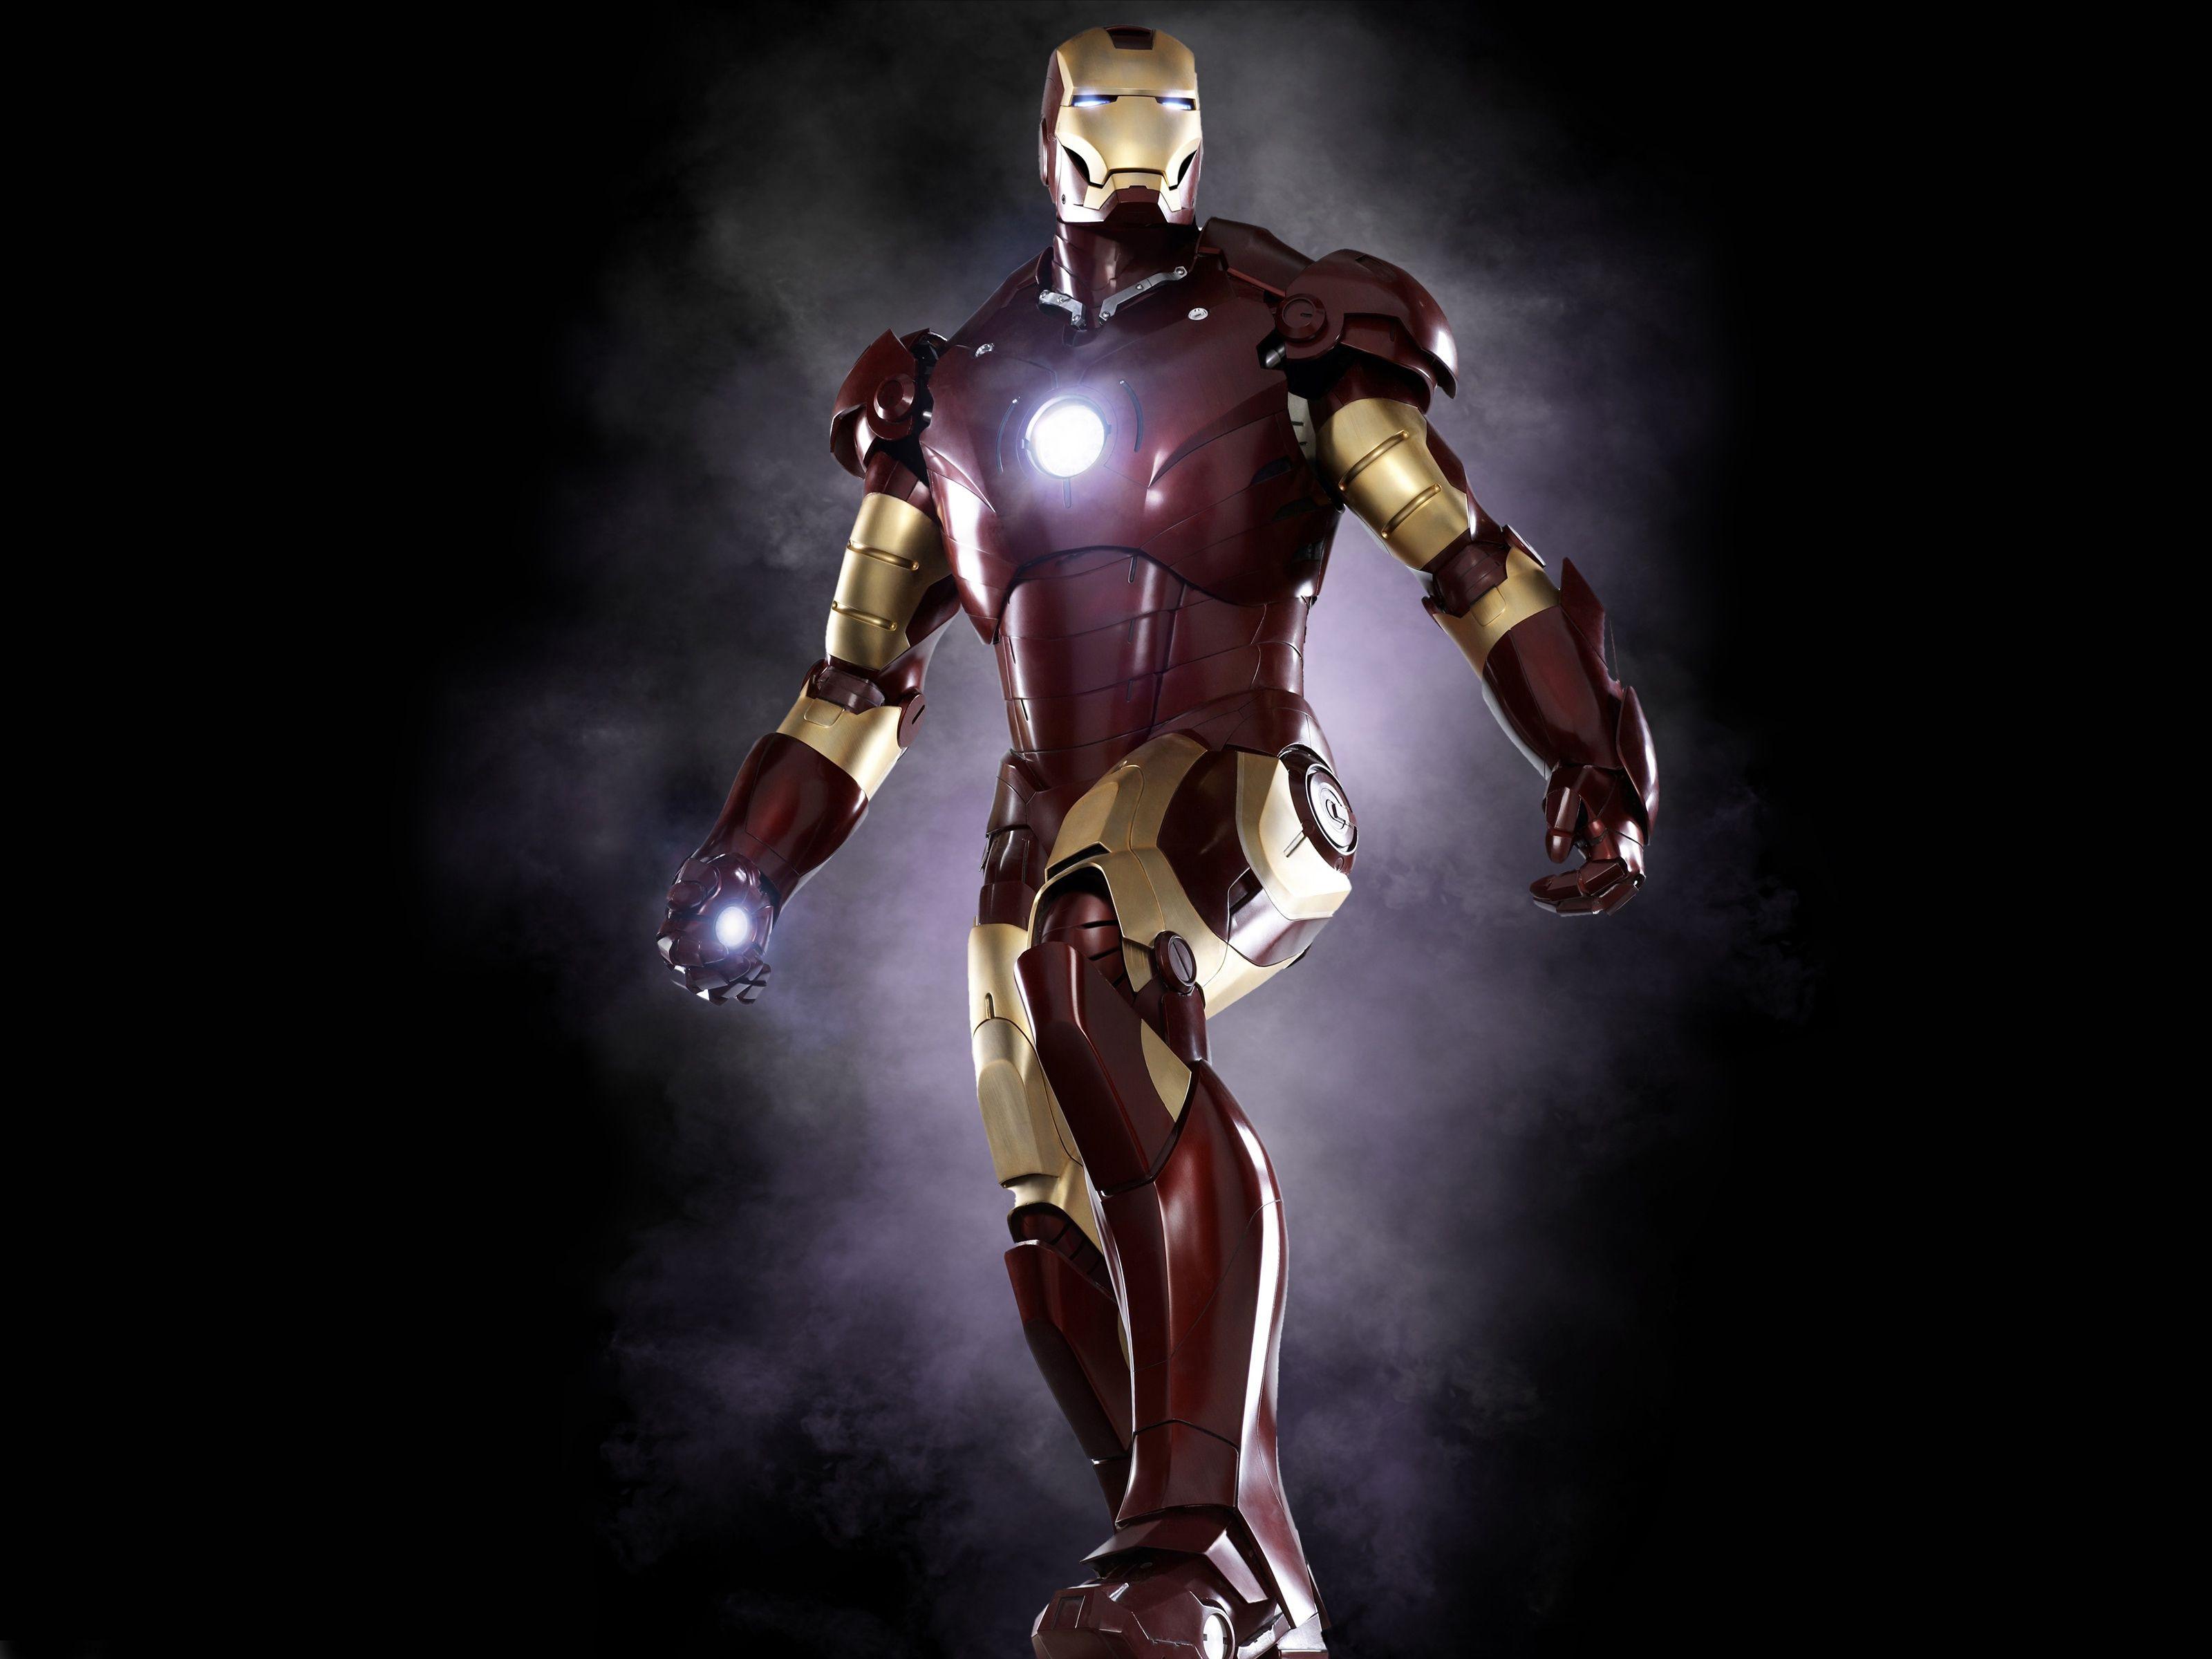 iron man hd desktop wallpaper widescreen high definition hd | art